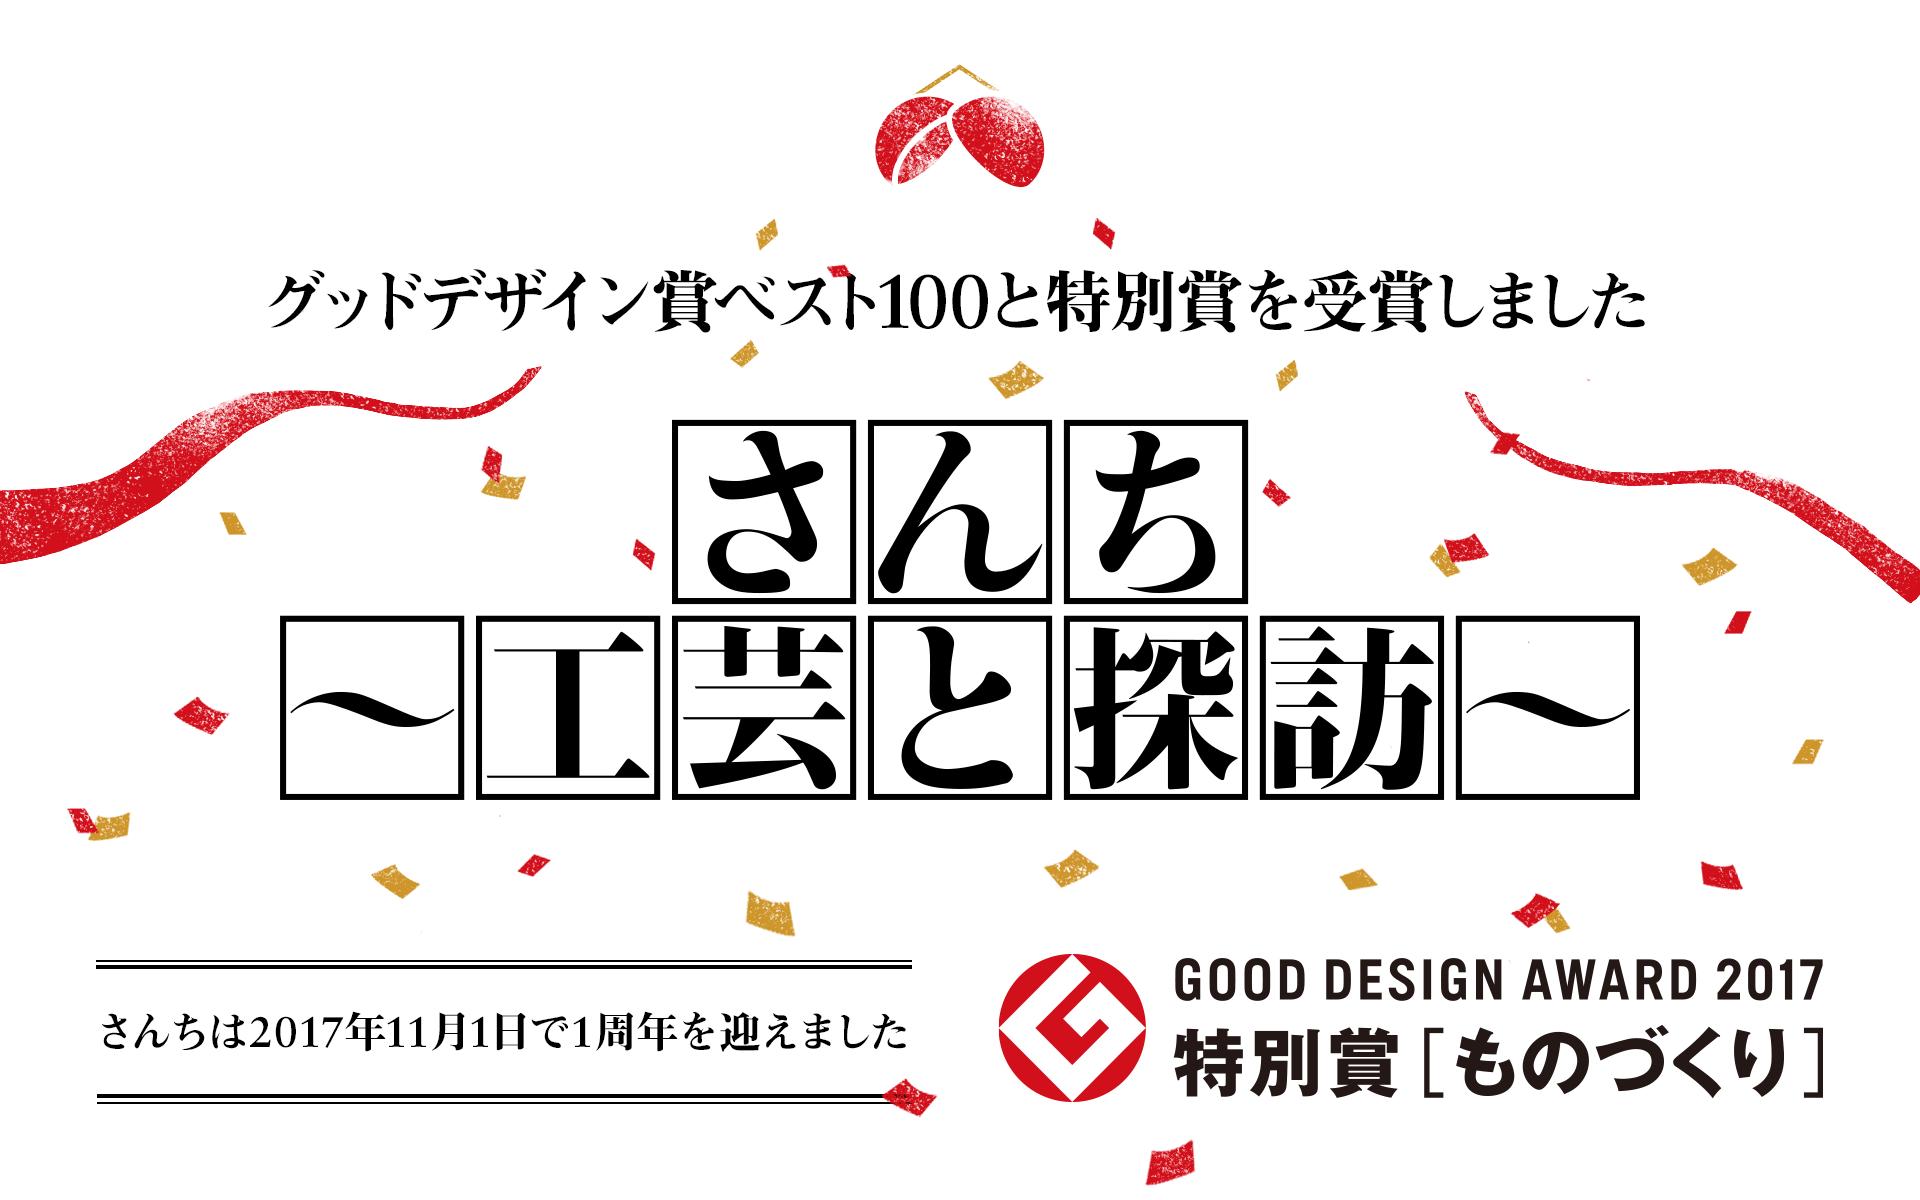 グッドデザイン賞2017 さんち〜工芸と探訪〜